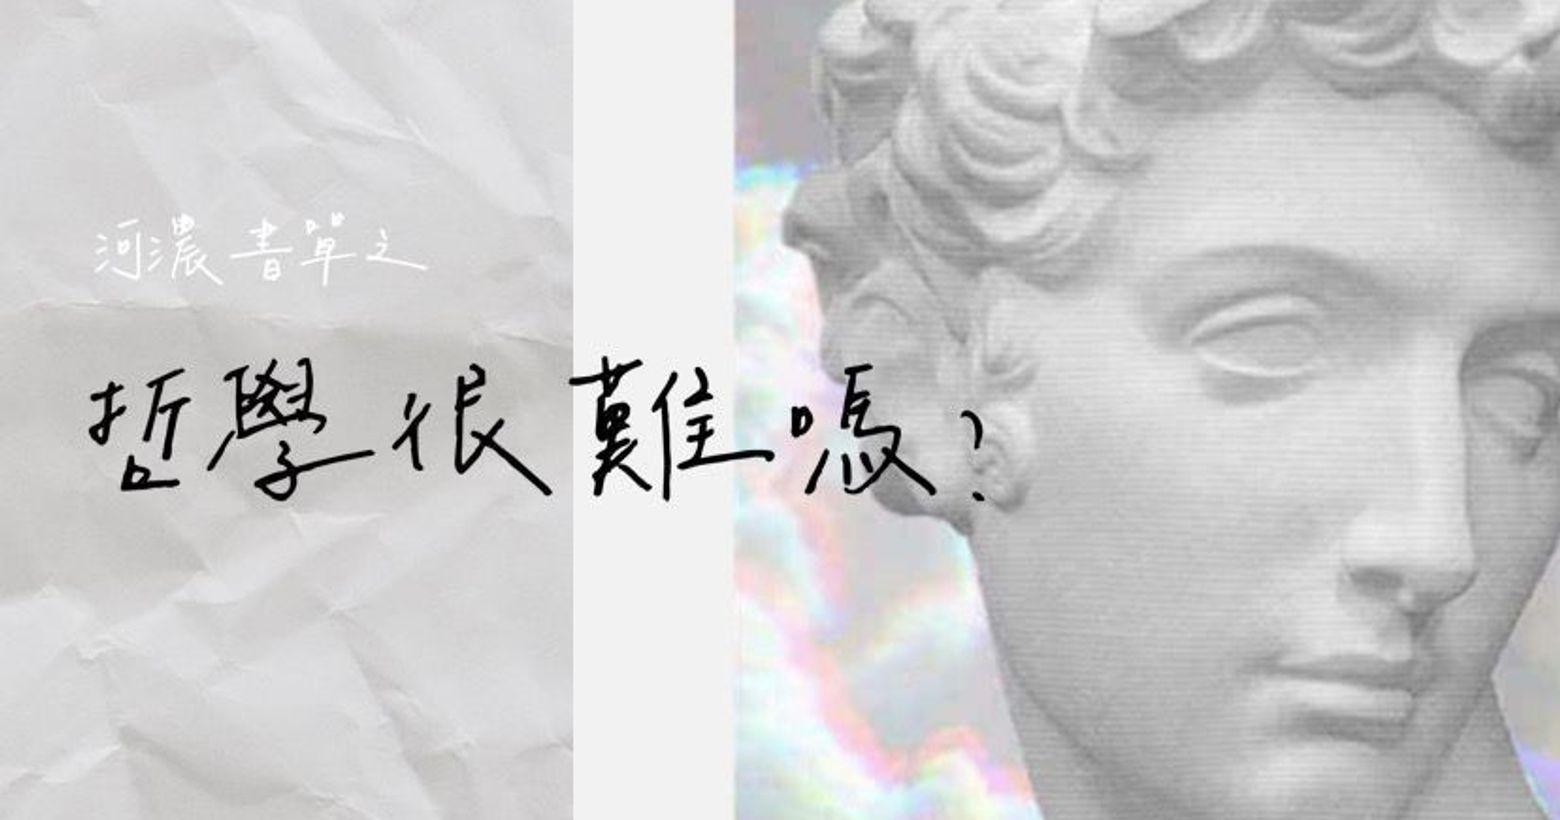 哲學很難嗎?來測測你的哲學氣質吧🤔🖇歡迎來到Riverzong'astudio,河濃